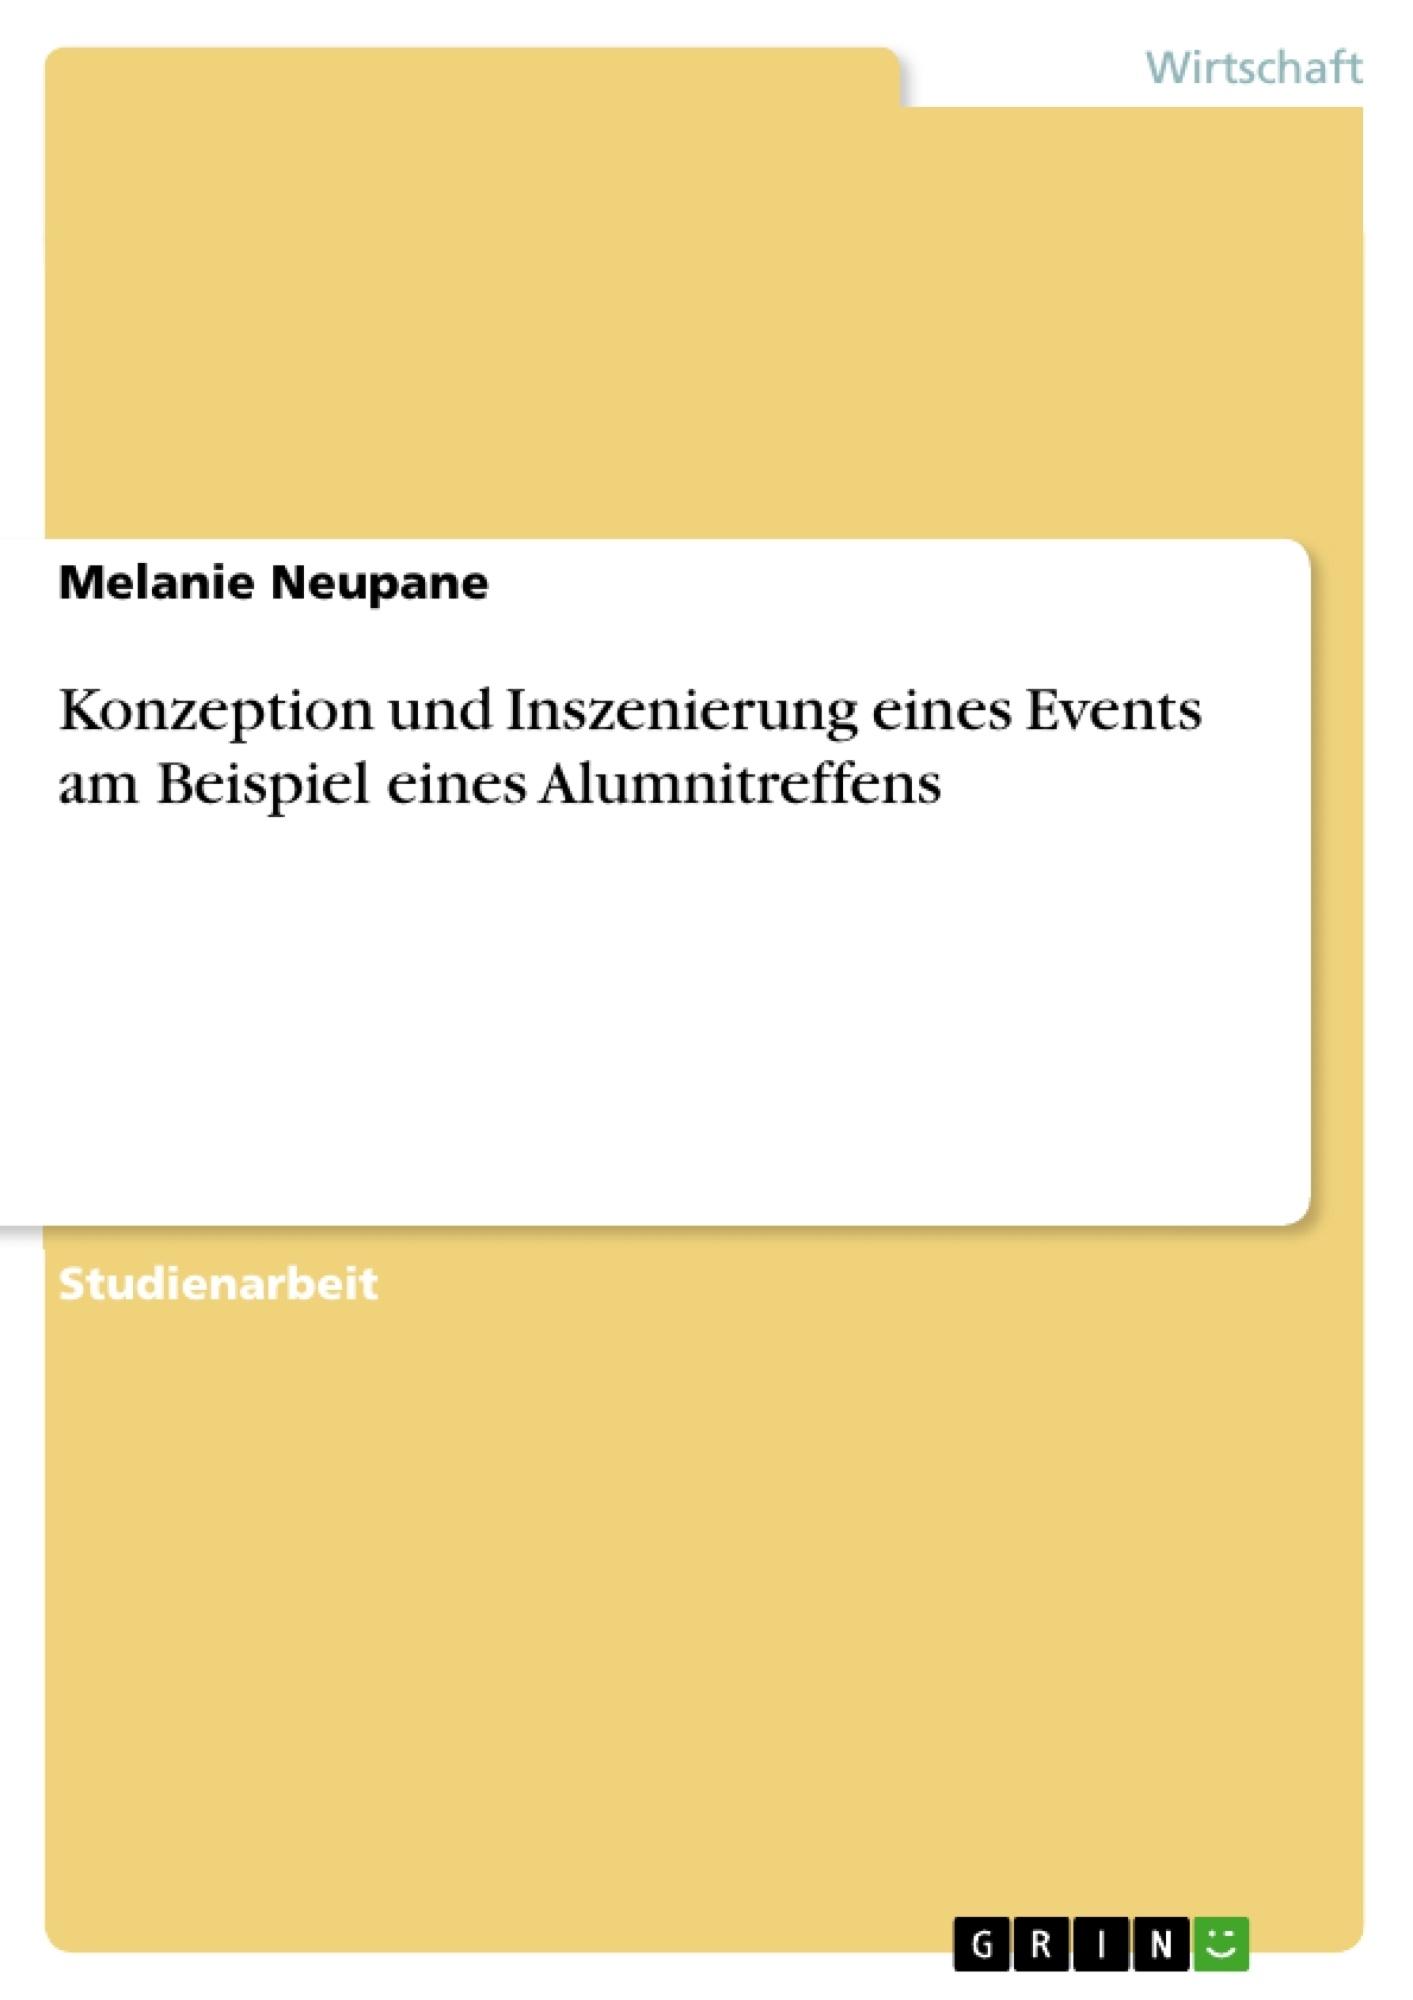 Titel: Konzeption und Inszenierung eines Events am Beispiel eines Alumnitreffens